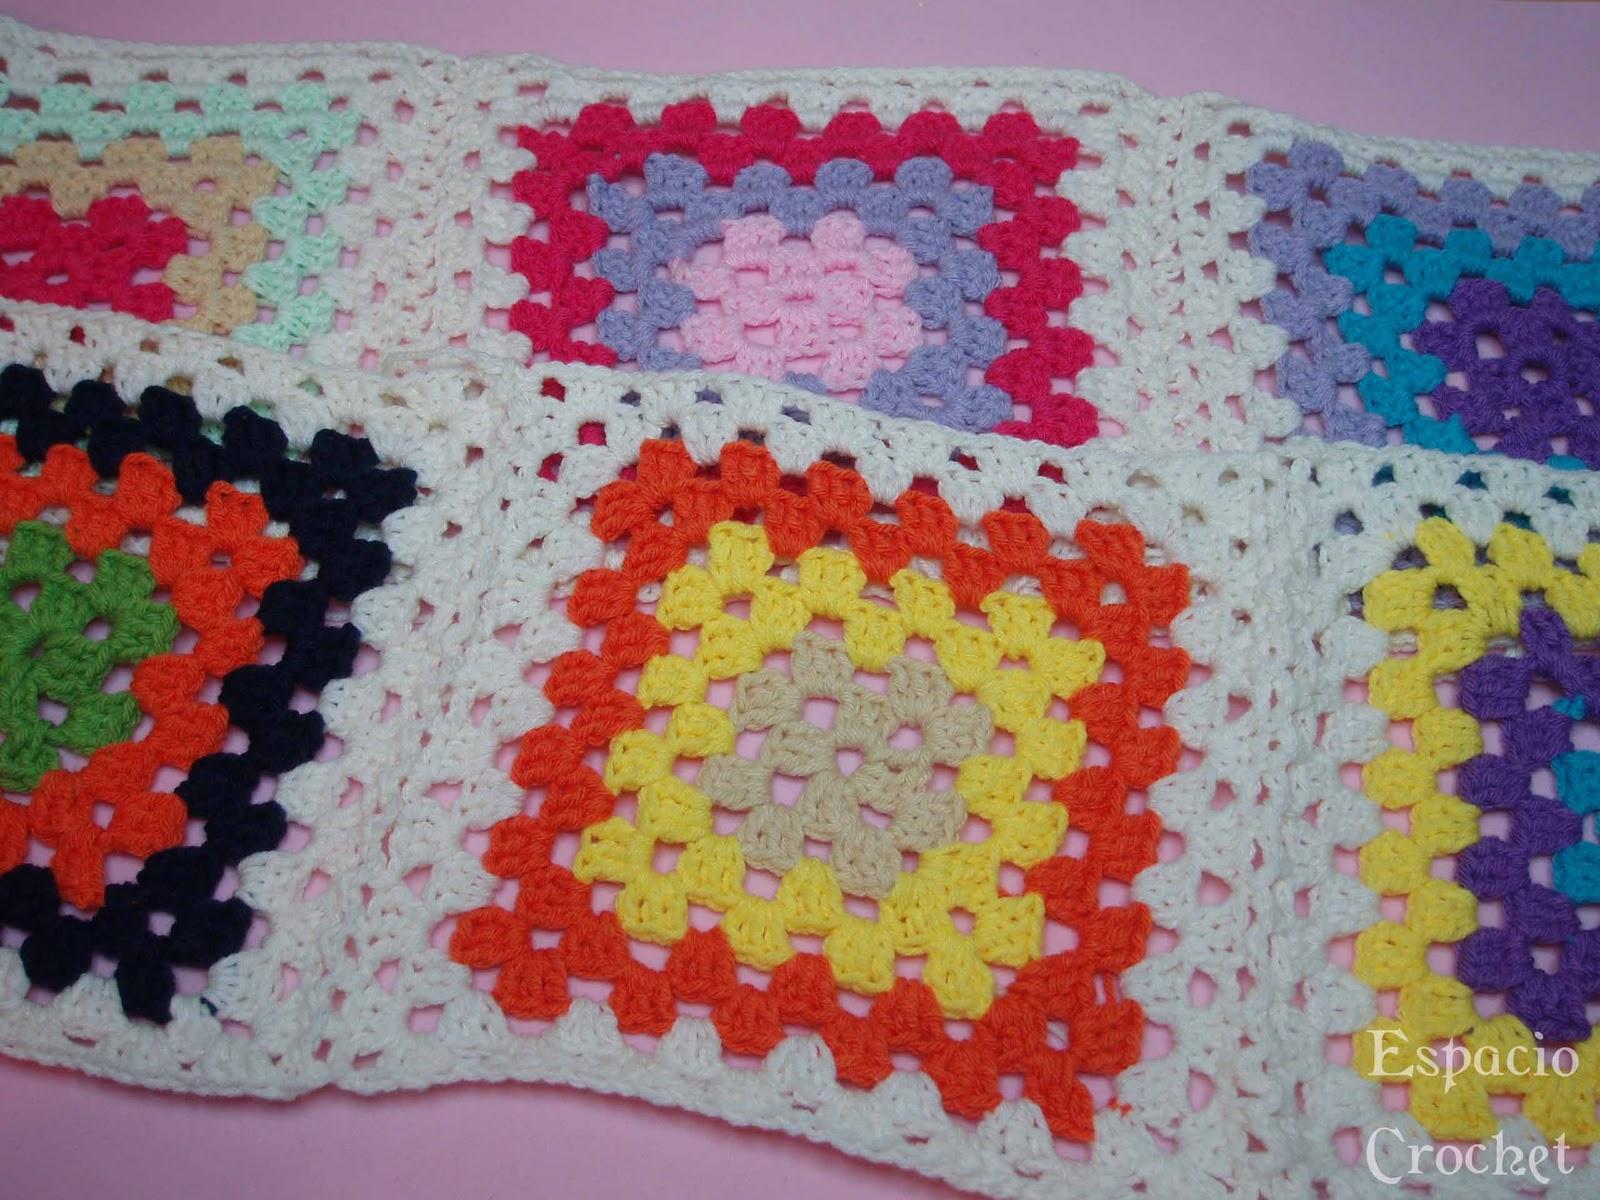 Cuadros de crochet / Crochet squares | Espacio Crochet